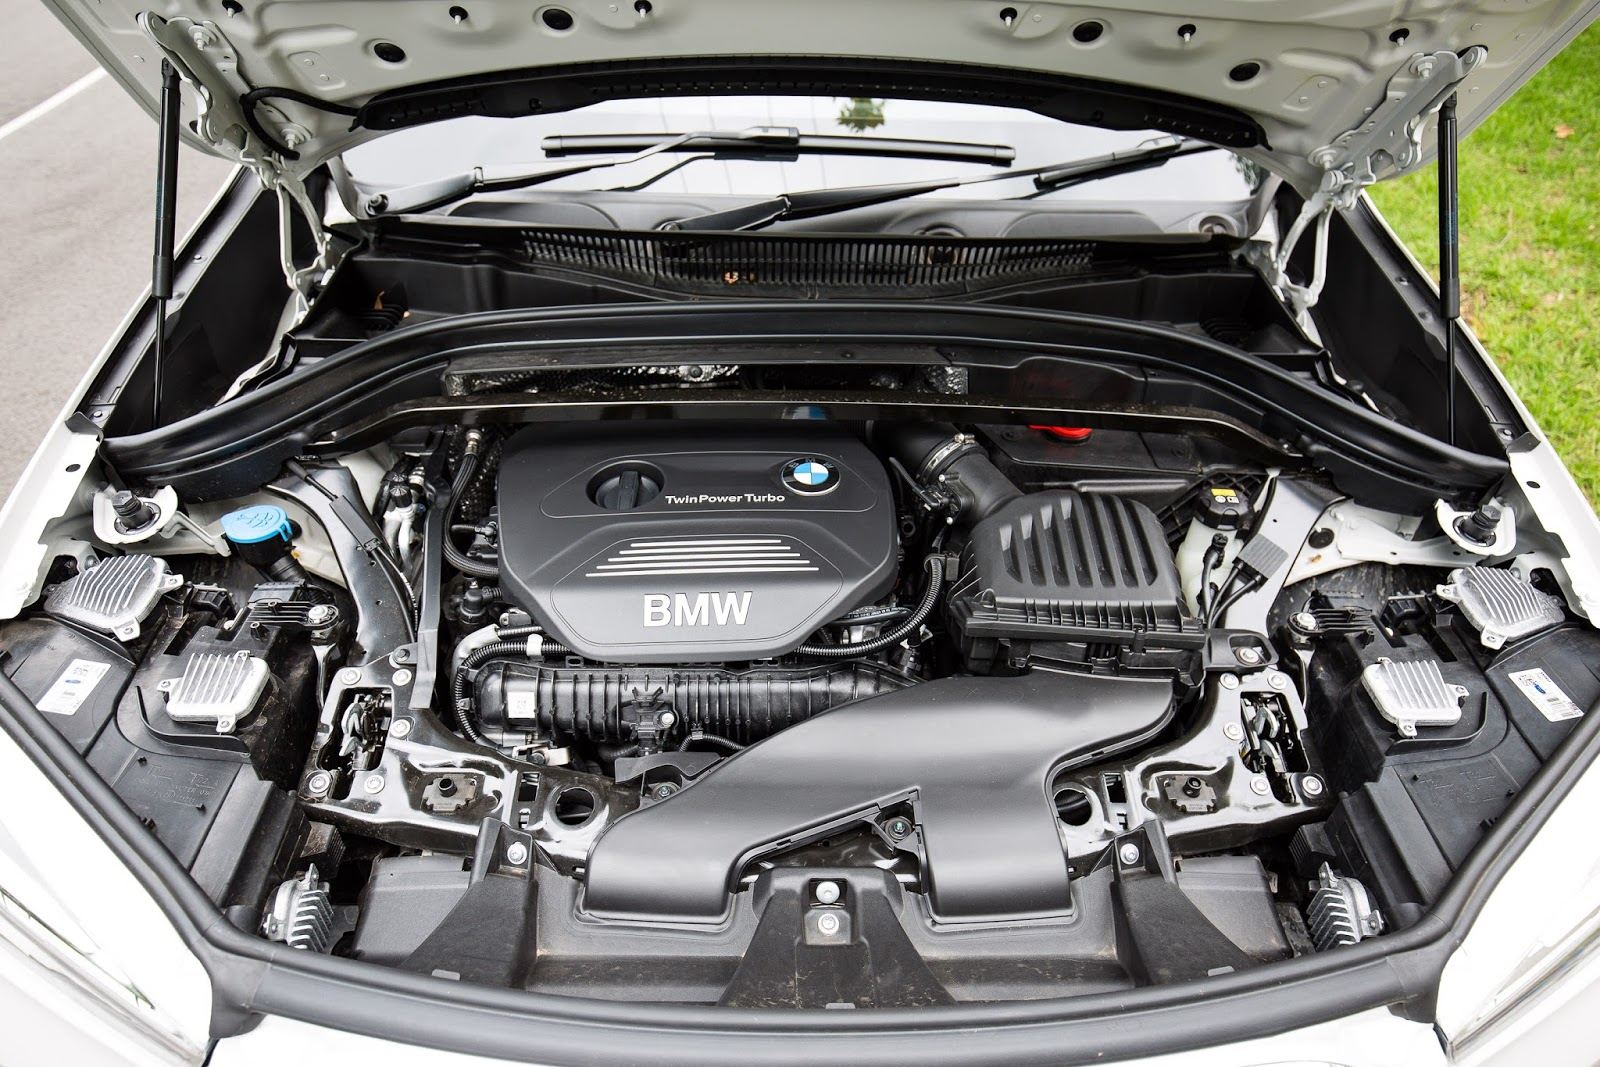 Động cơ của xe được xem là rất mạnh ở trong phân khúc của X1